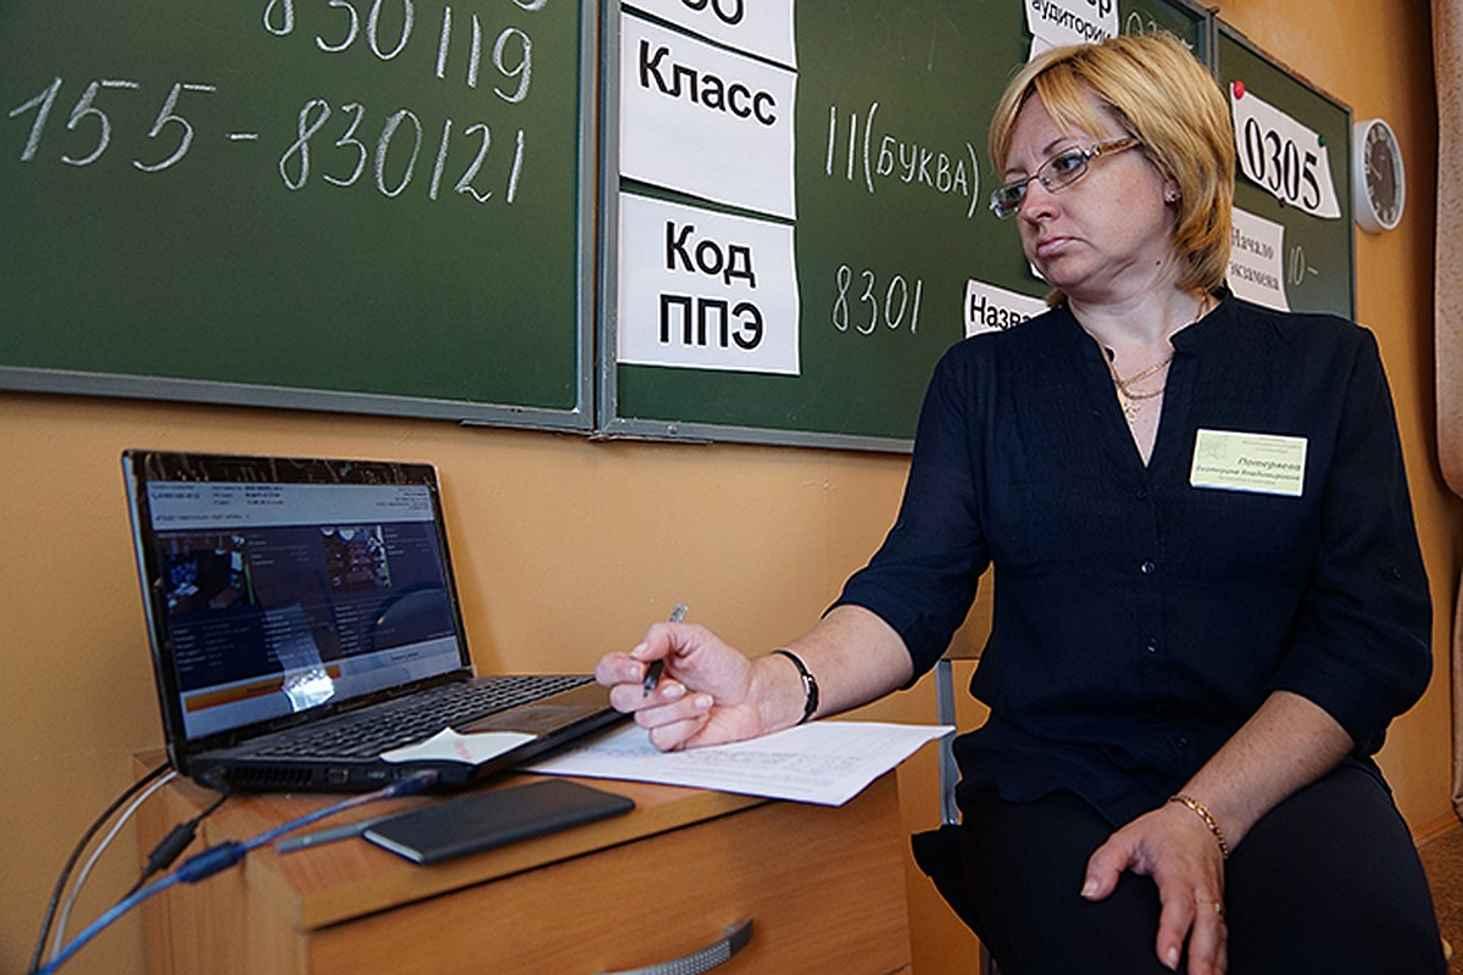 v-moem-universitete-prodolzhaetsya-osennij-marafon-distantsionnye-kursy-dlya-pedagogov-po-nizkim-tsenam